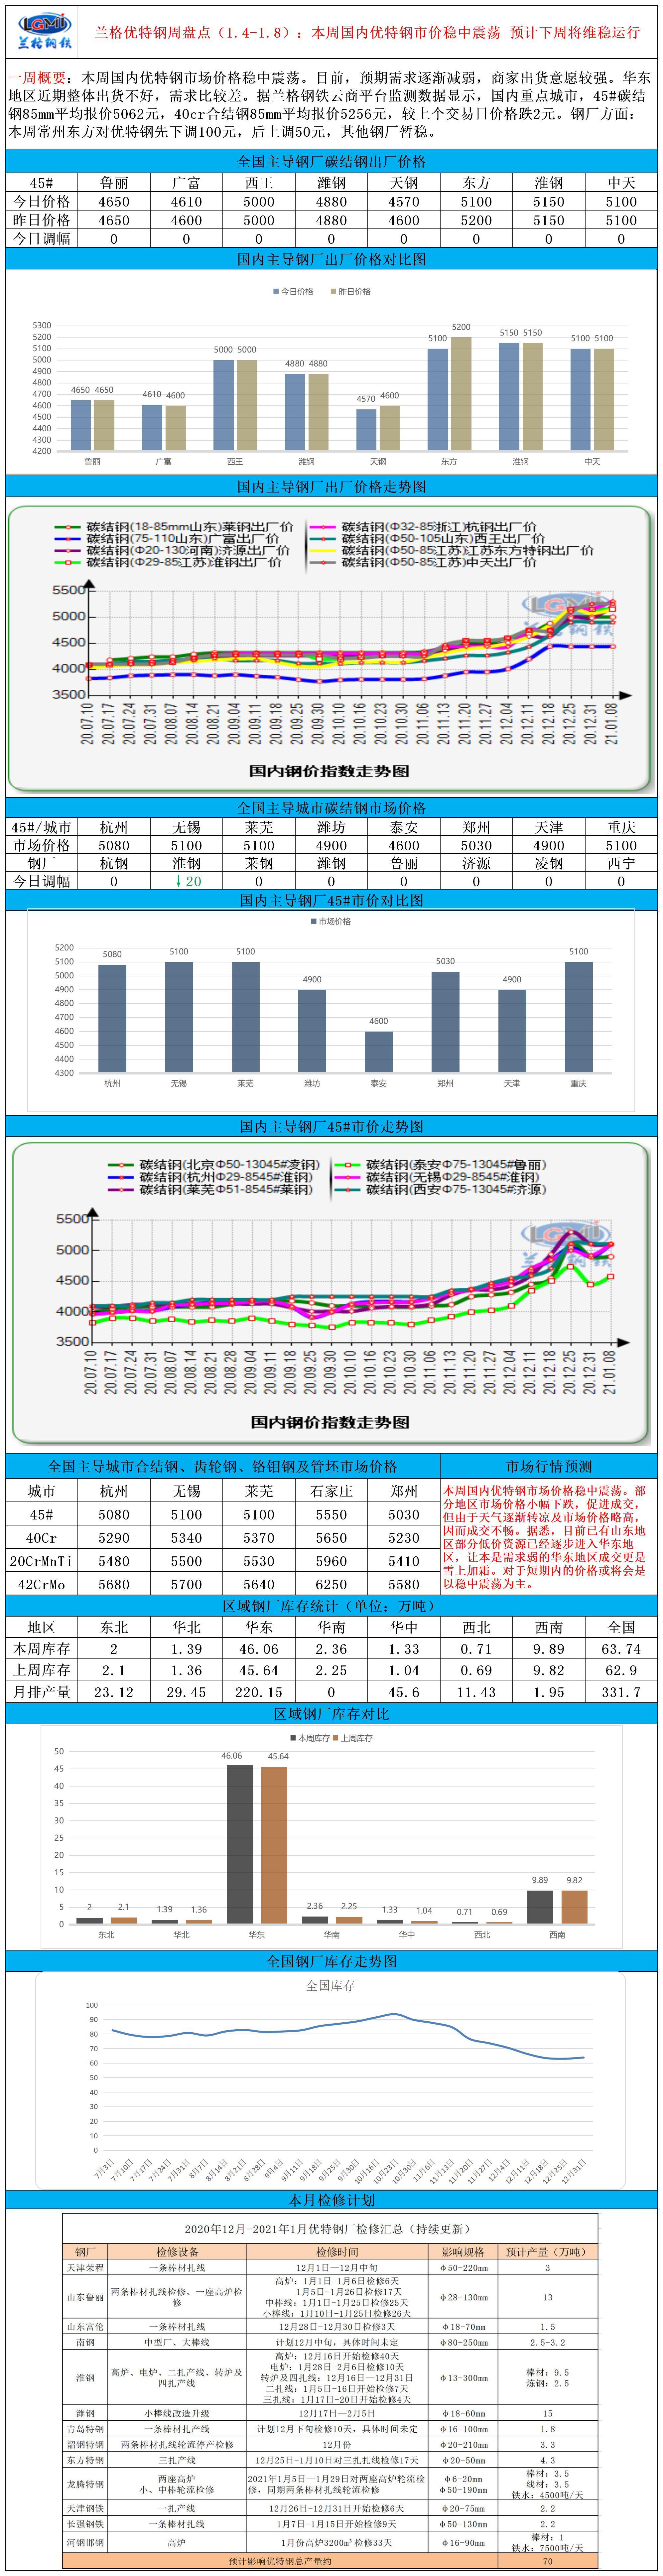 兰格优特钢周盘点(1.4-1.8):本周国内优特钢市价稳中震荡 预计下周将维稳运行